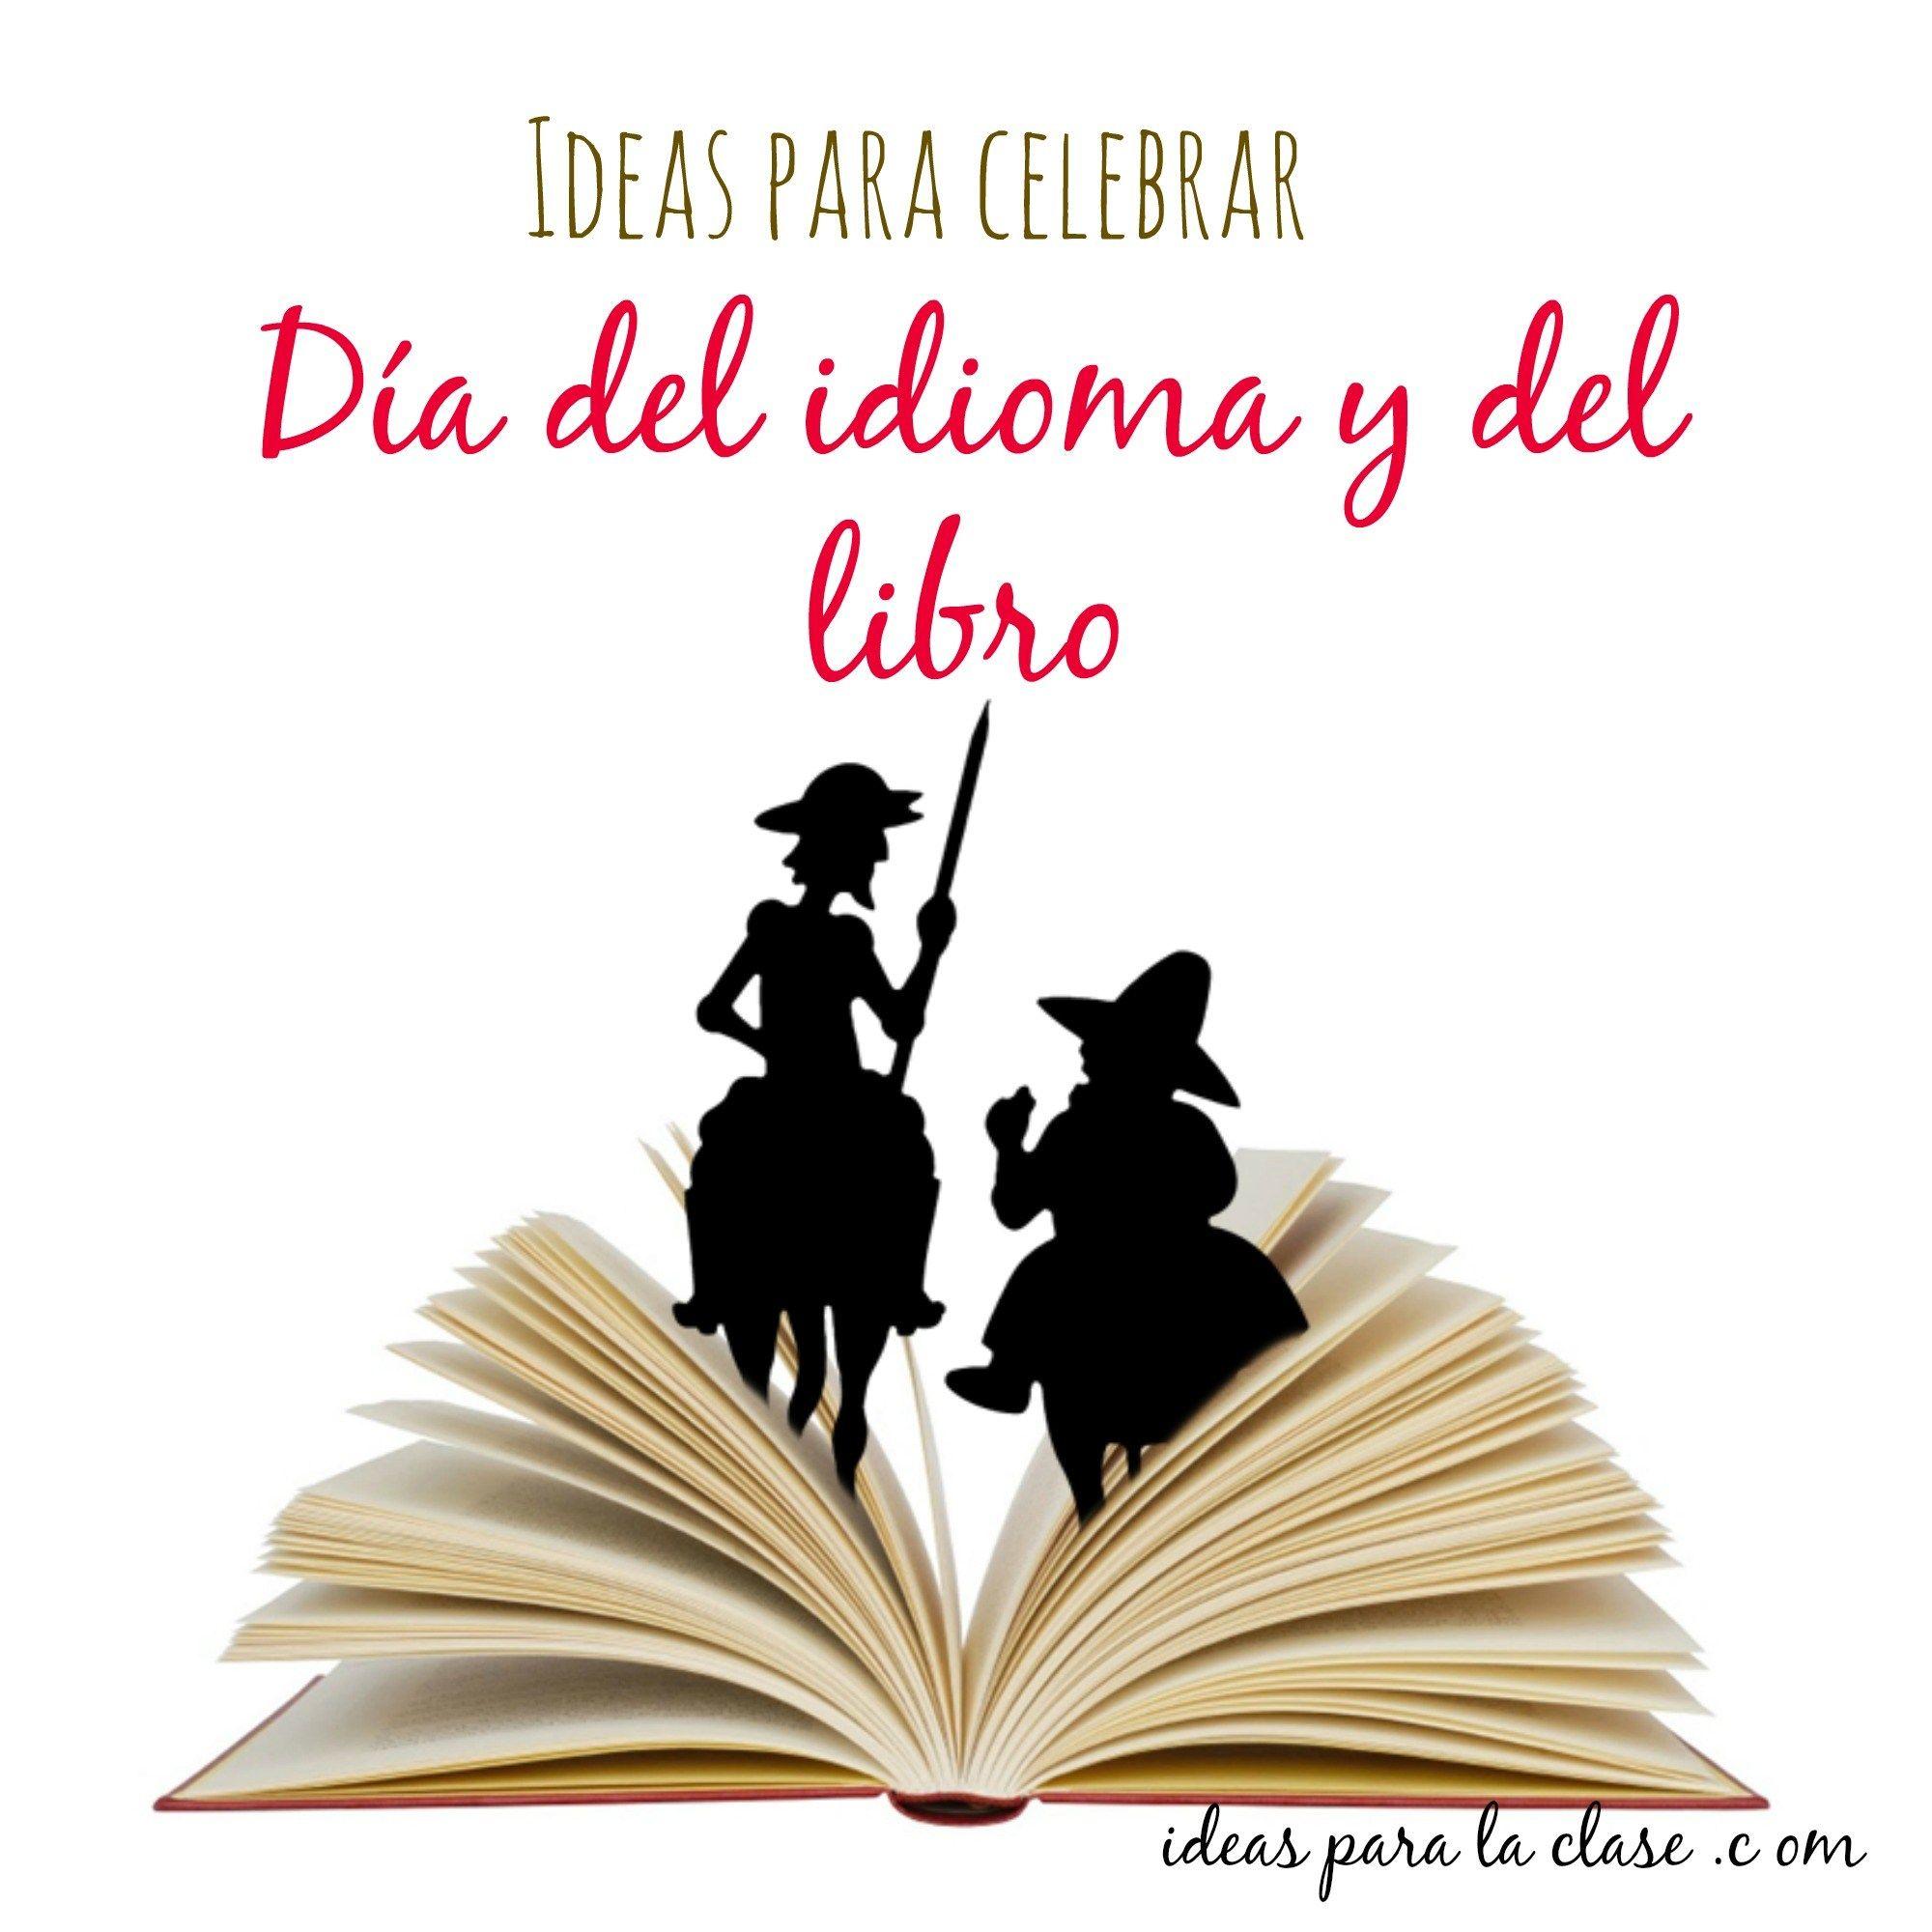 22 Ideas De Dia Del Idioma Dia Del Idioma Dia Del Idioma Español Don Quijote Dibujo